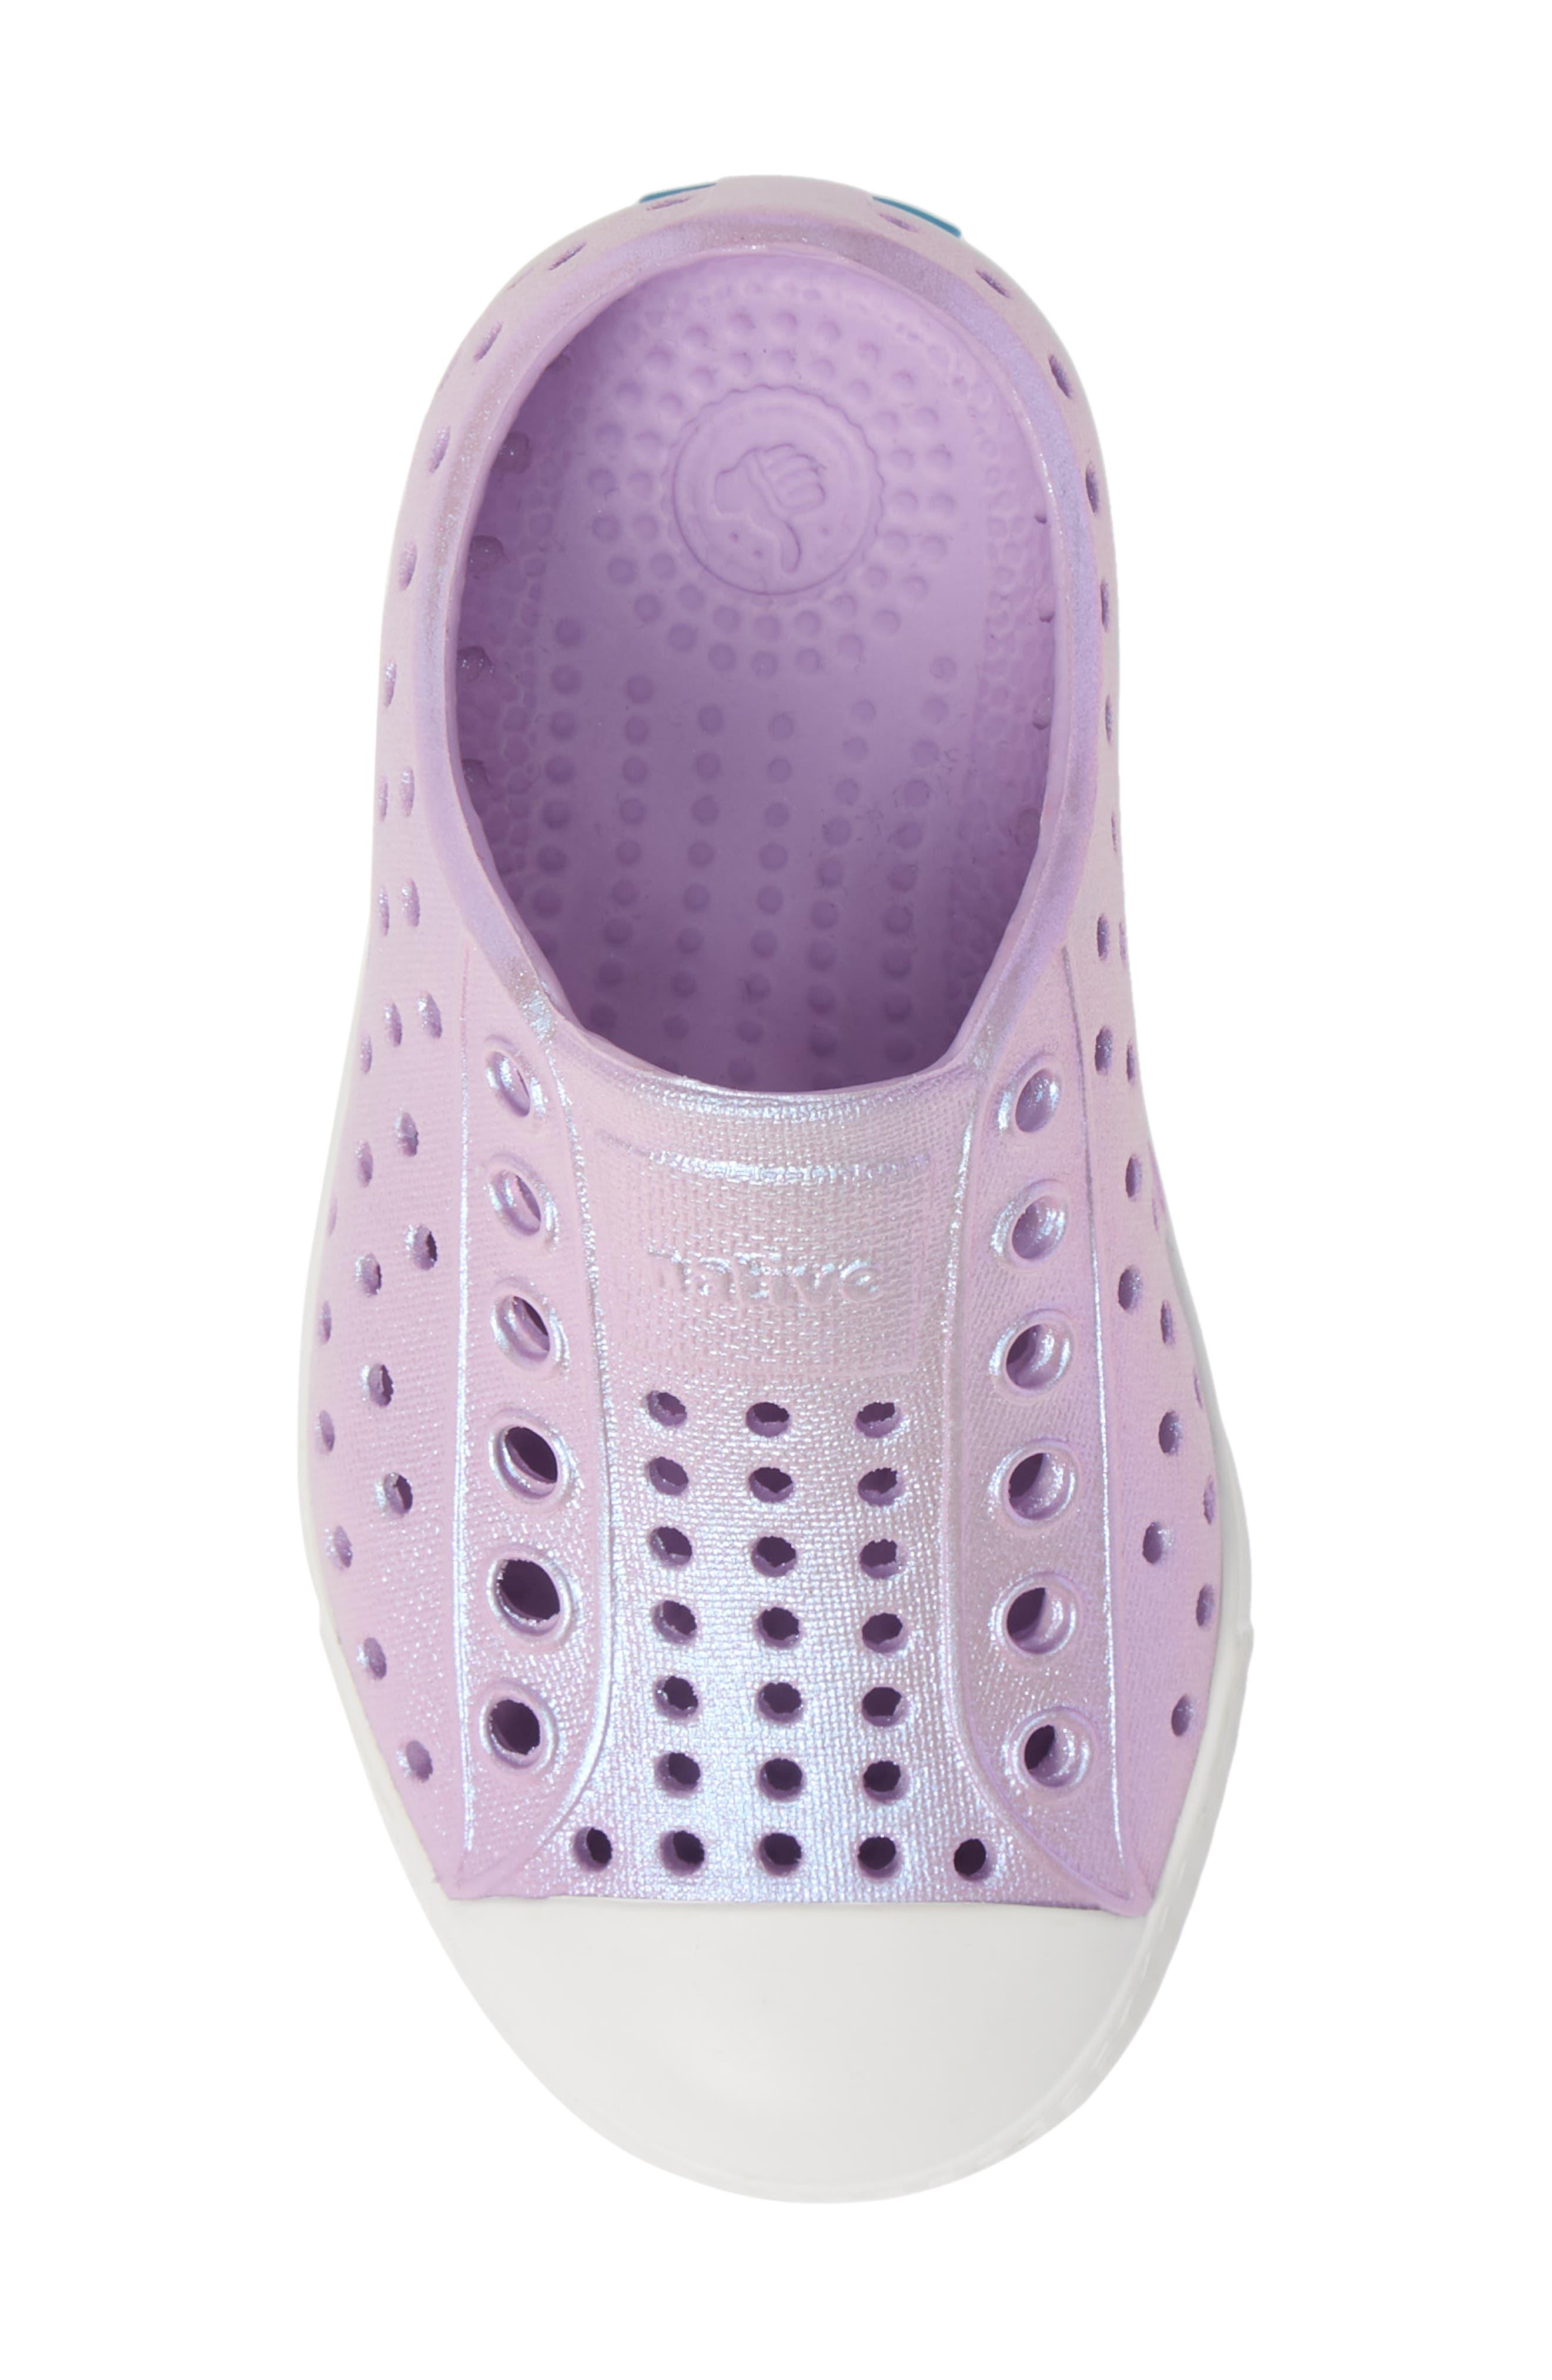 Jefferson Iridescent Slip-On Vegan Sneaker,                             Alternate thumbnail 5, color,                             LAVENDER/ SHELL WHITE/ GALAXY